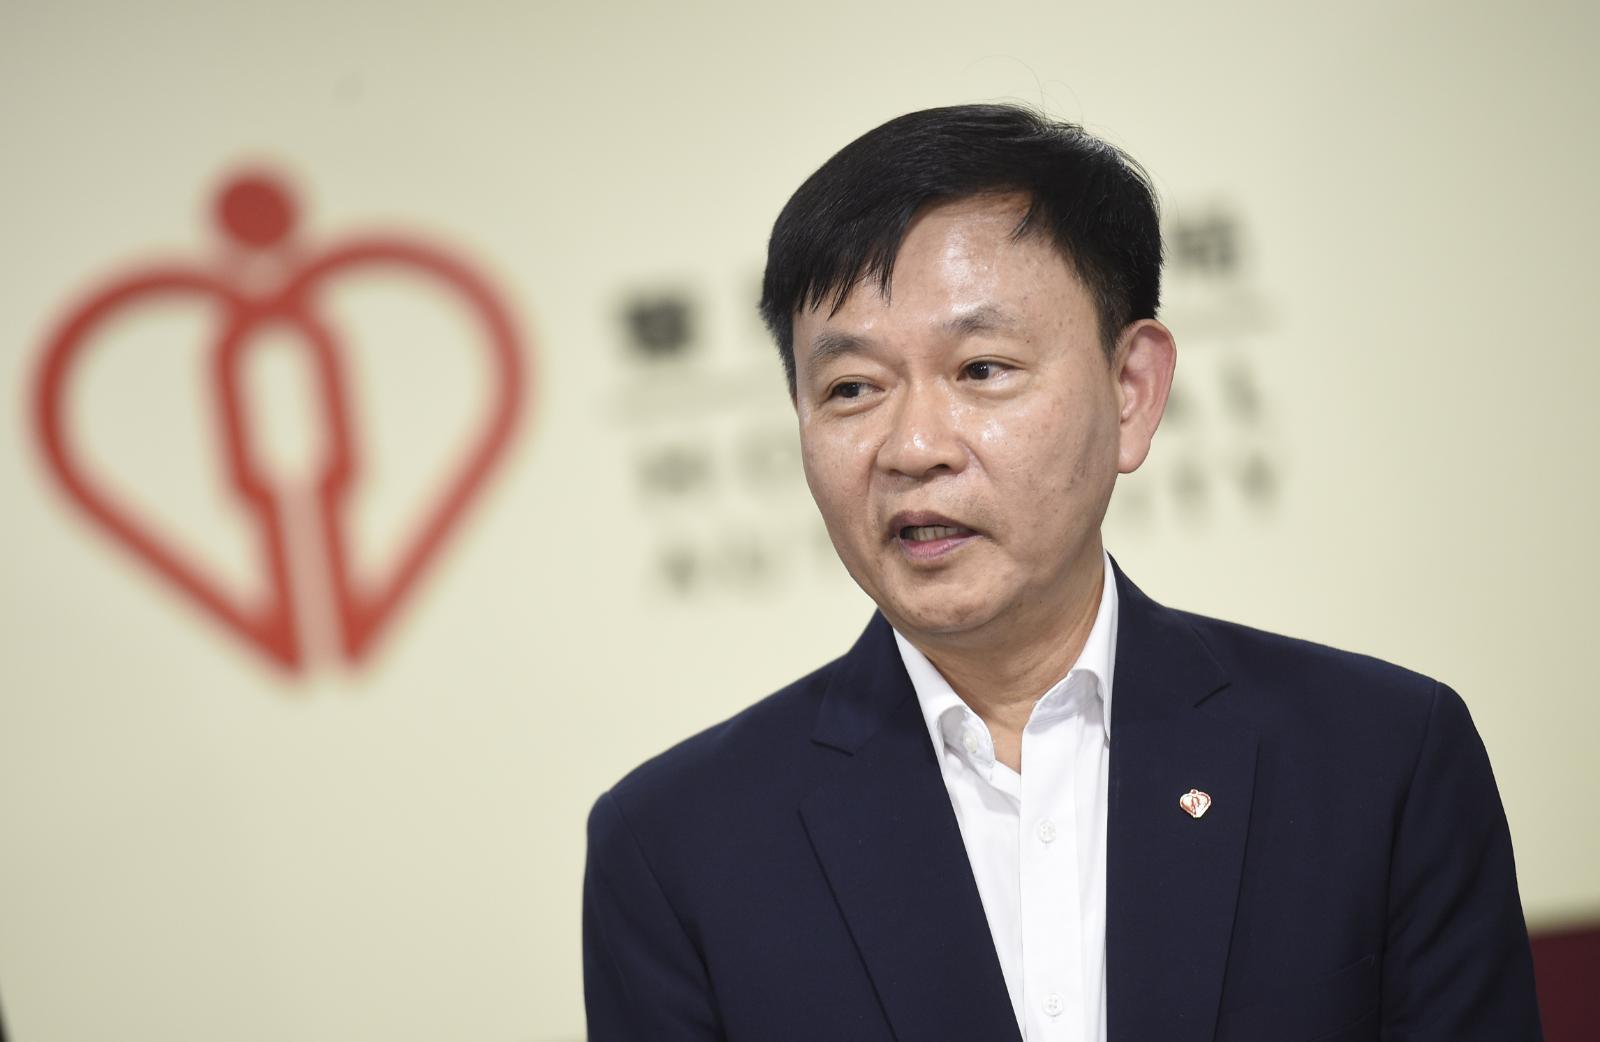 梁栢賢表示,醫管局成立三人特別工作小組,檢視病人資料安全性。